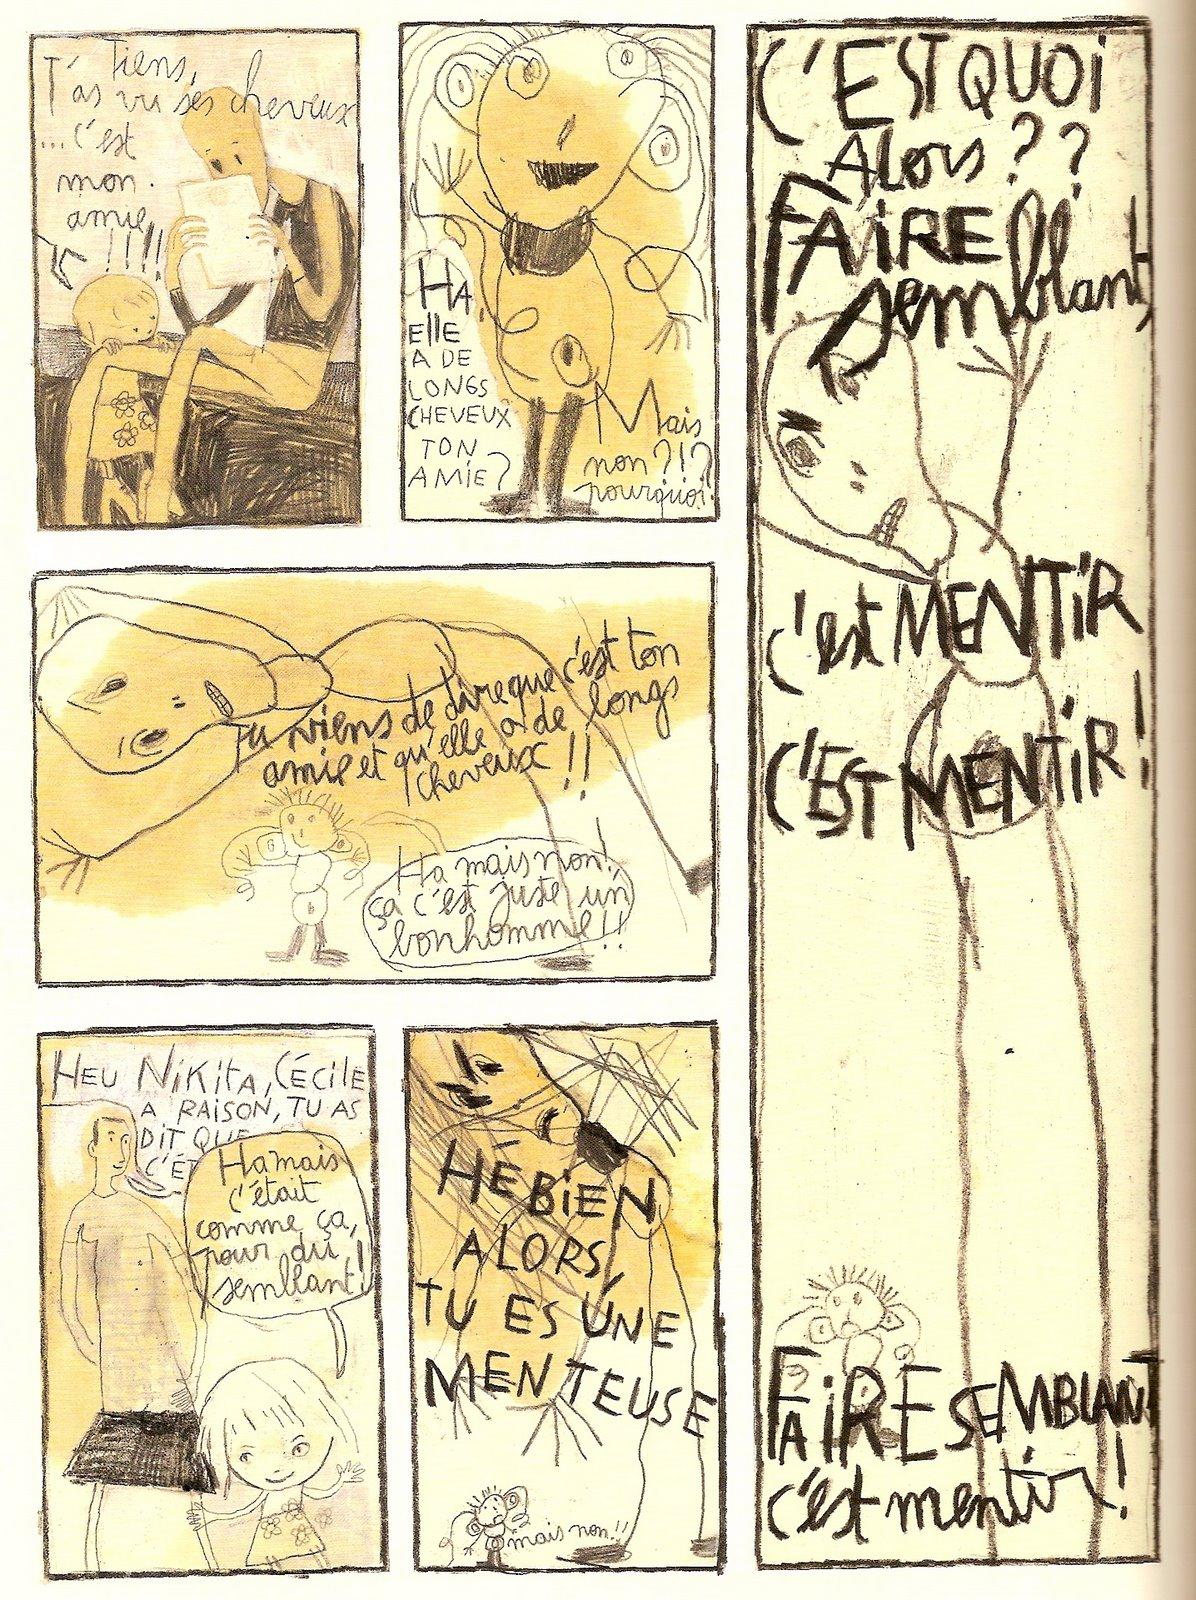 [Dominique+Goblet+-+Faire+semblant+c]